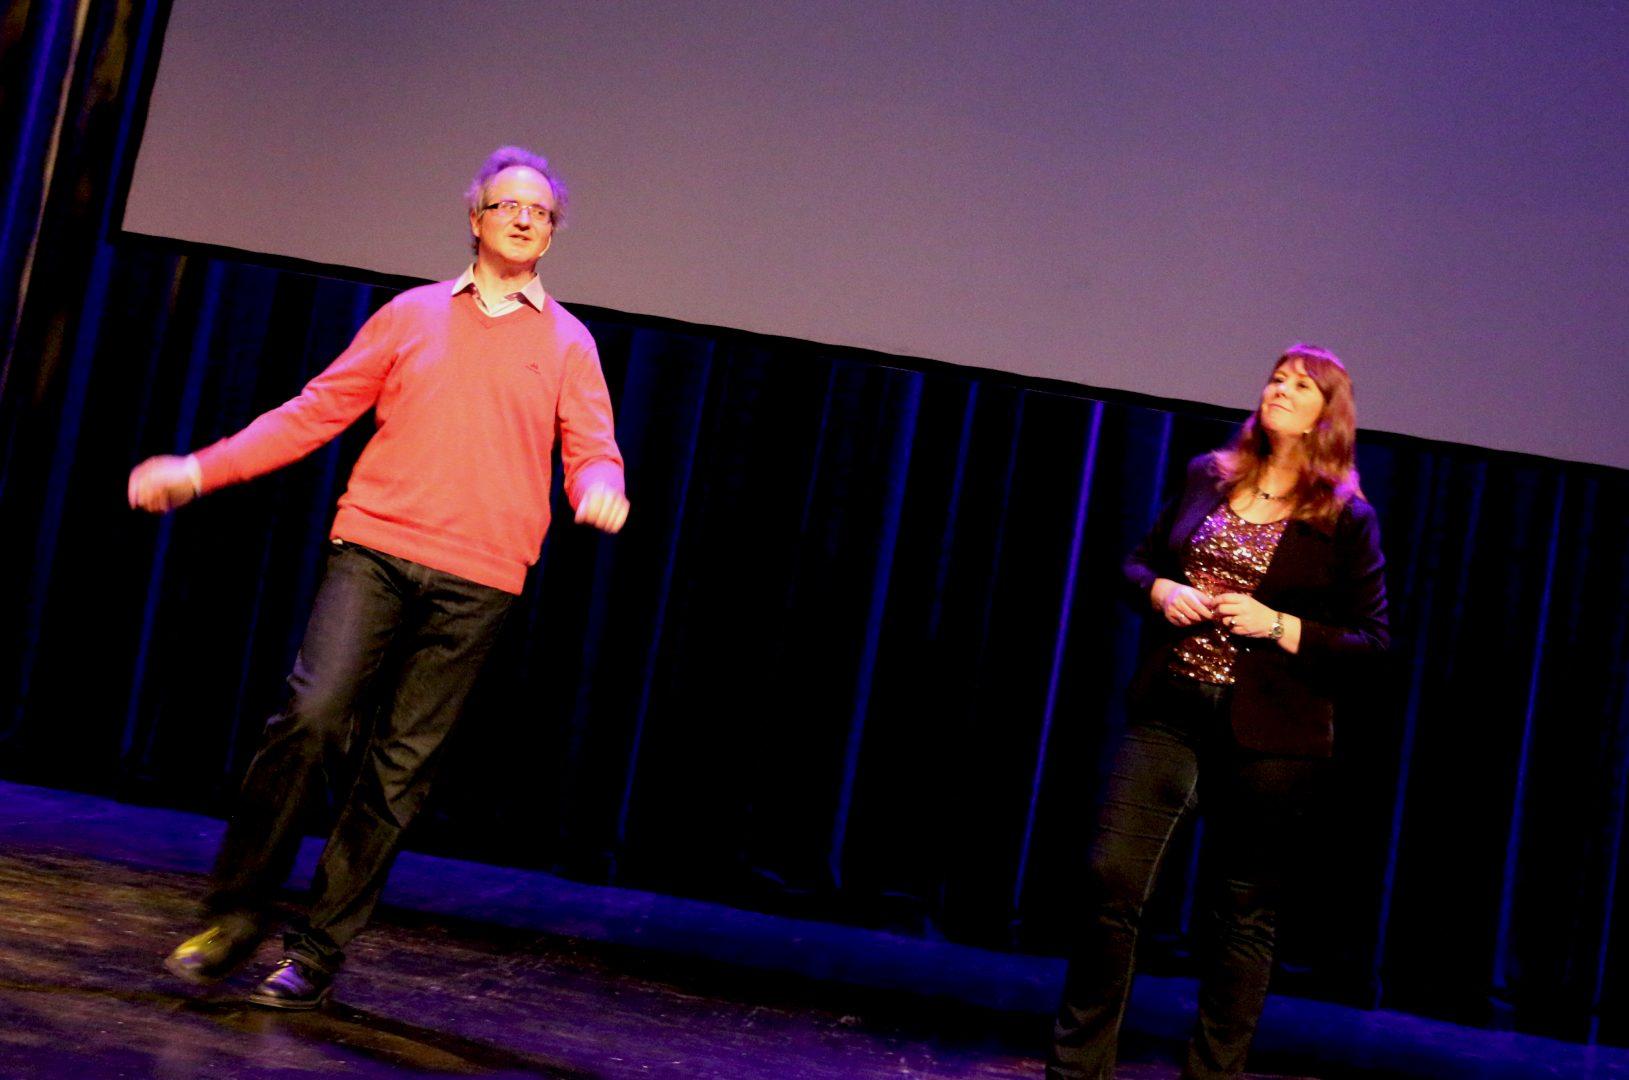 Knut Jørgen Røed Ødegaard og Anne Mette Sannes var på Ris skole 14.09.2017 FOTO: https://arendalstidende.no/kultur/tyngdekraften-rammet-astronomiekteparet-ekstra/